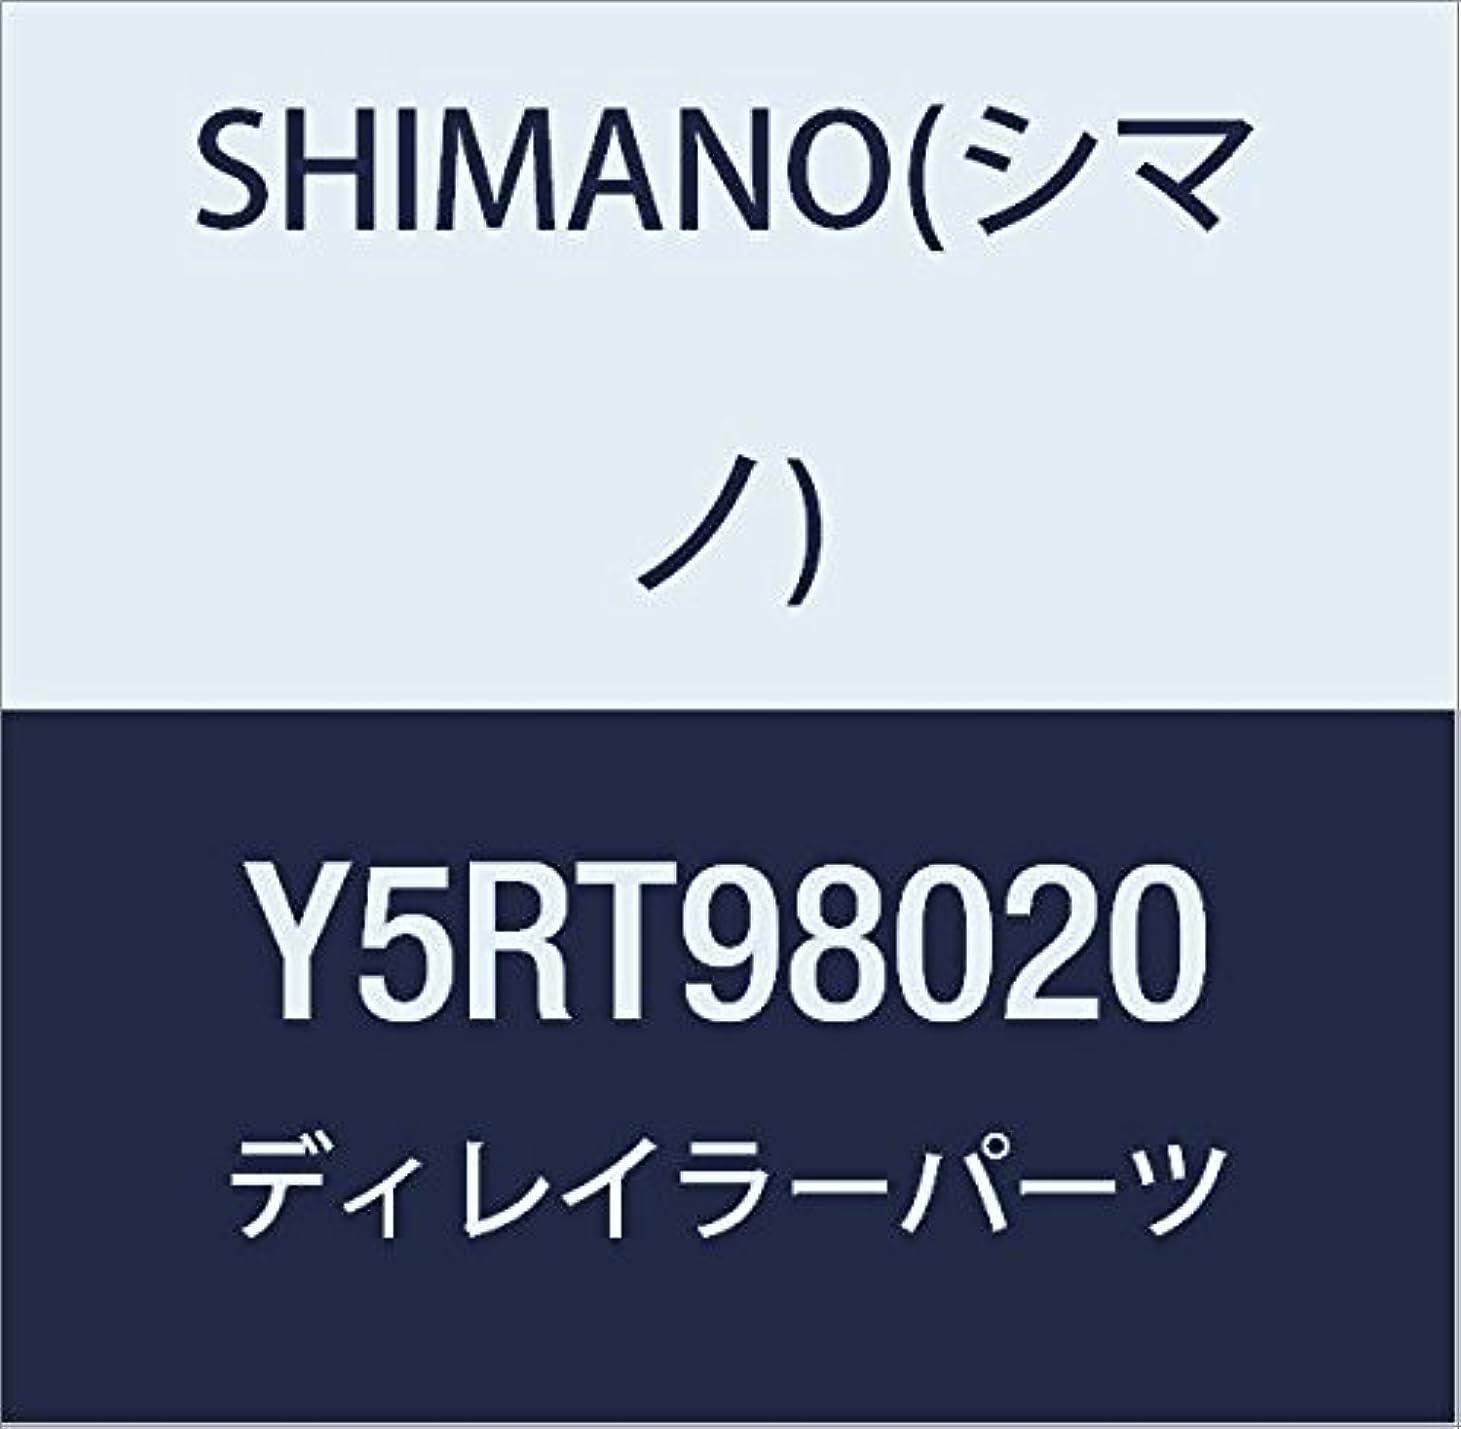 貫通するそう戸棚SHIMANO(シマノ) RD-M8000 PタイカバーUT Y5RT98020